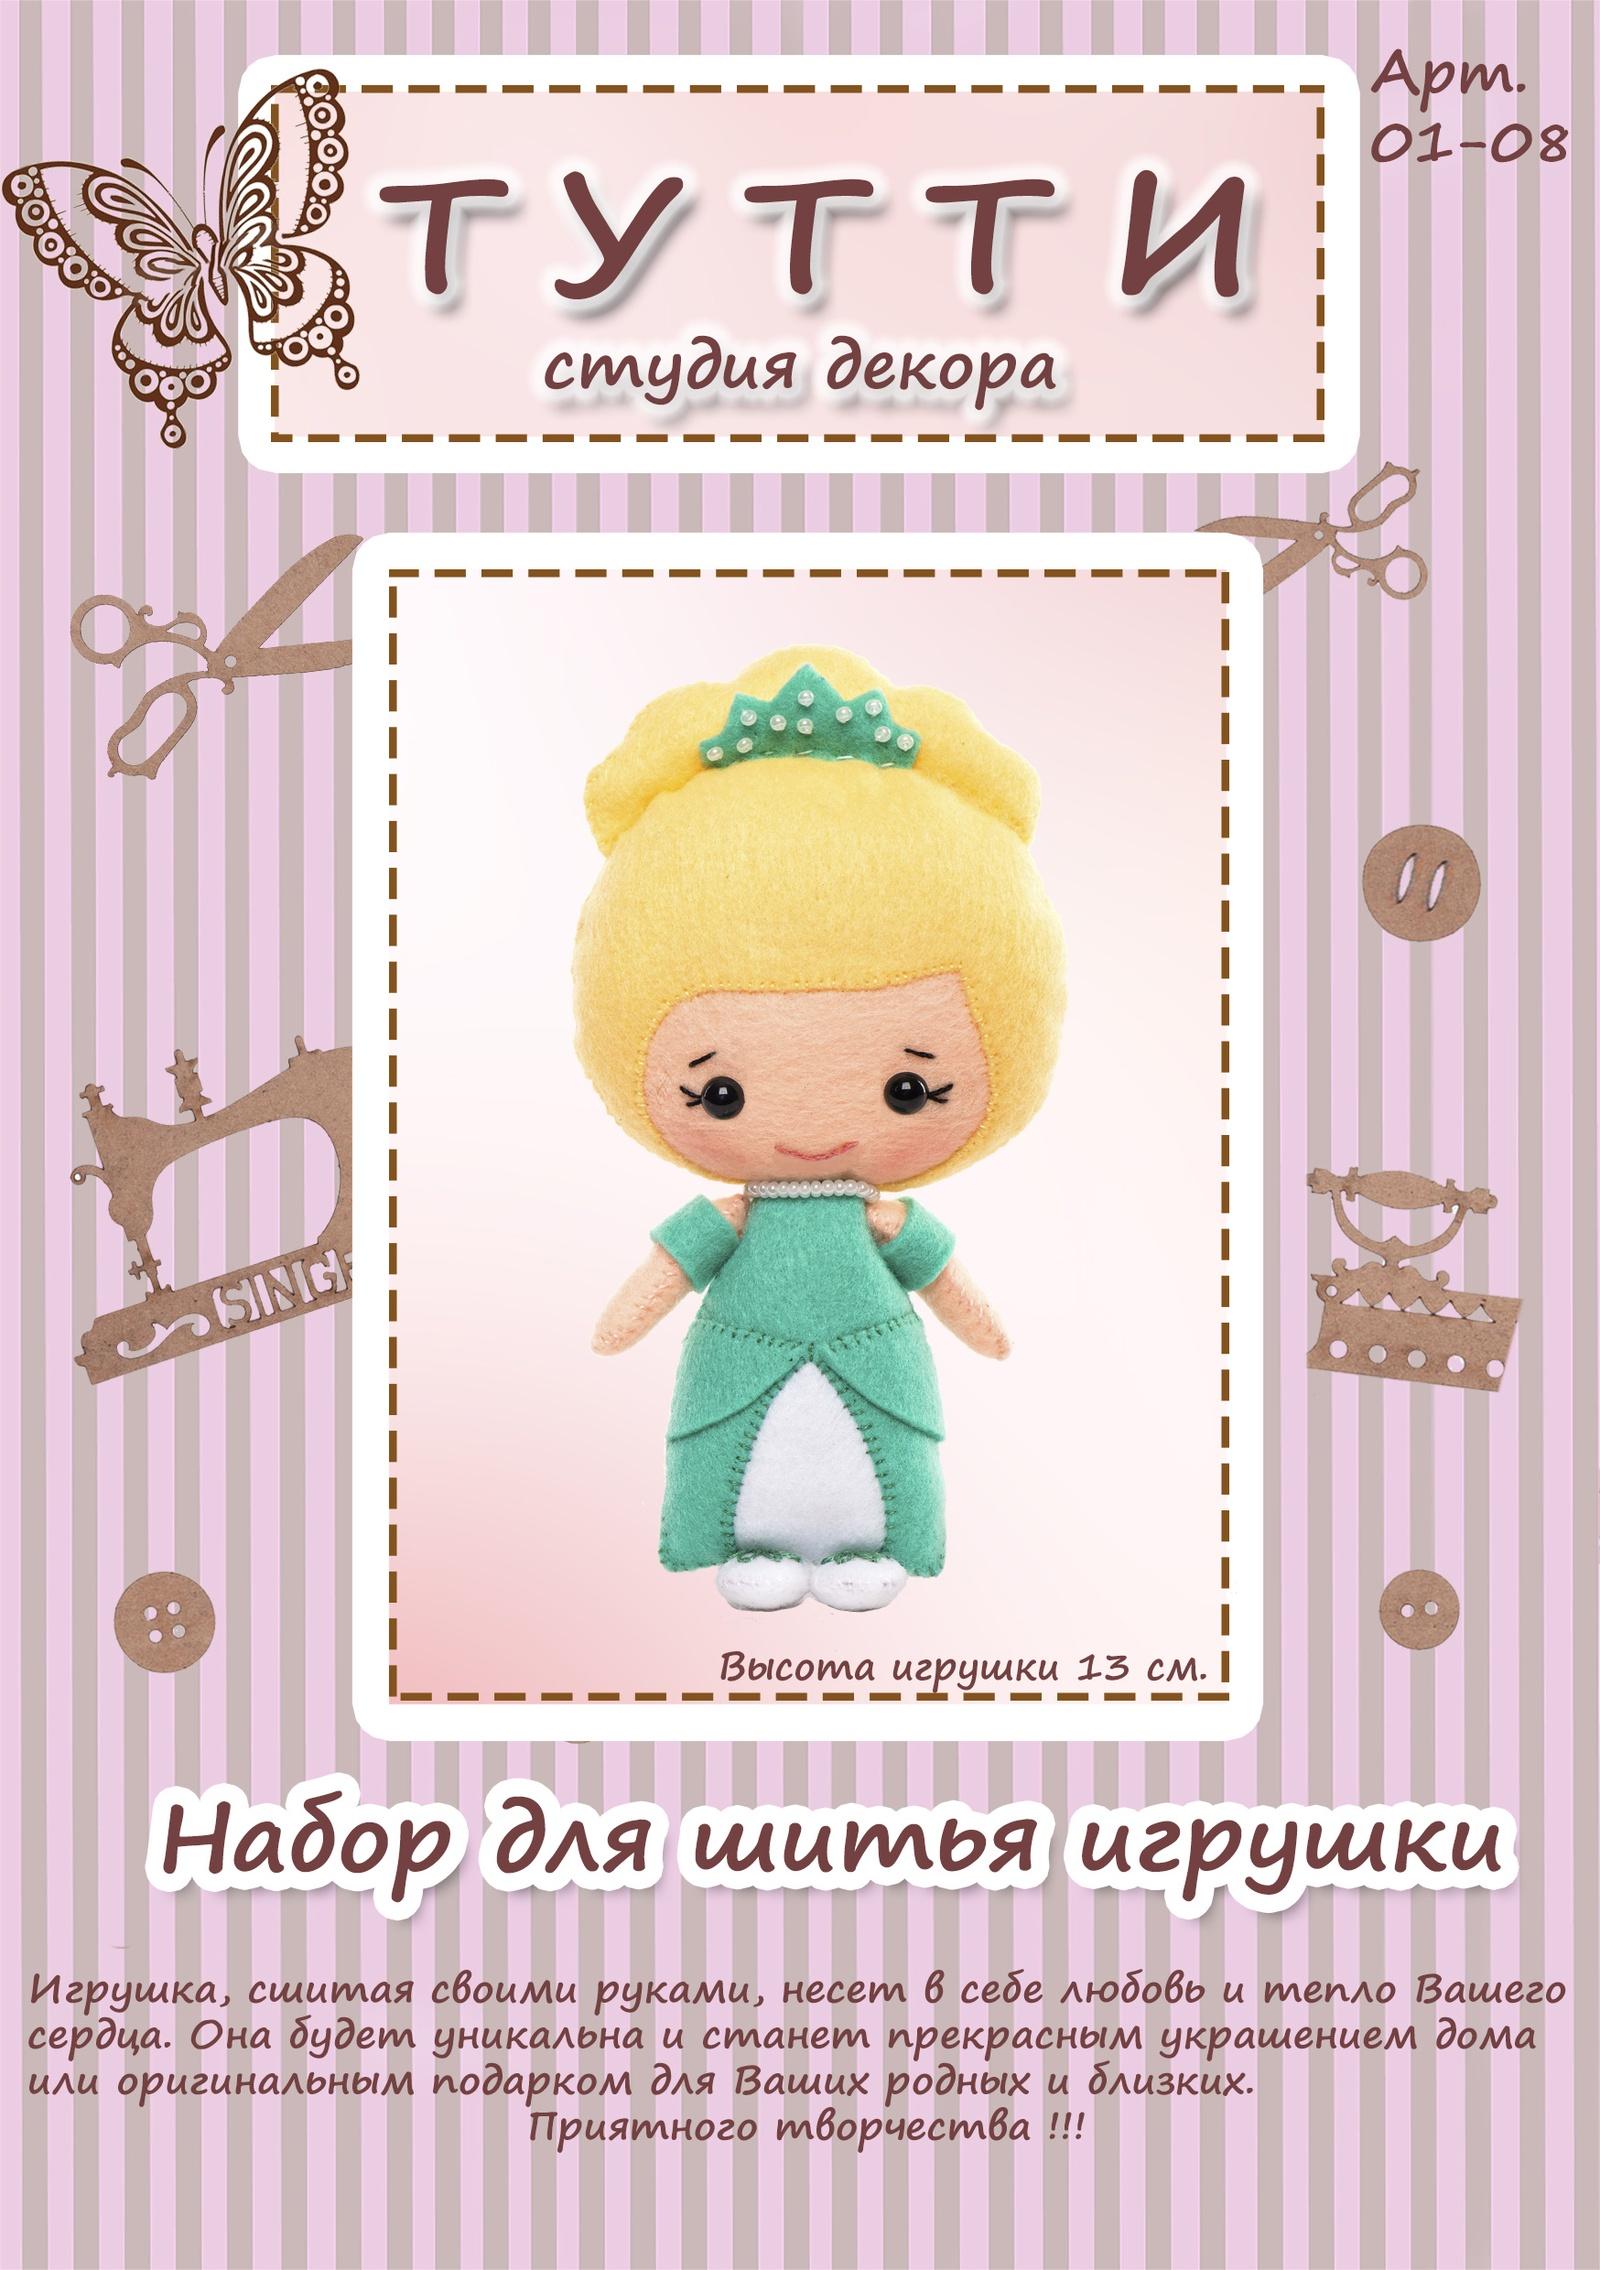 Набор для шитья игрушки из фетра Тутти Принцесса Эльза, 01-08 наборы из фетра в пакете с хедером четырехлистники 11 21136 15